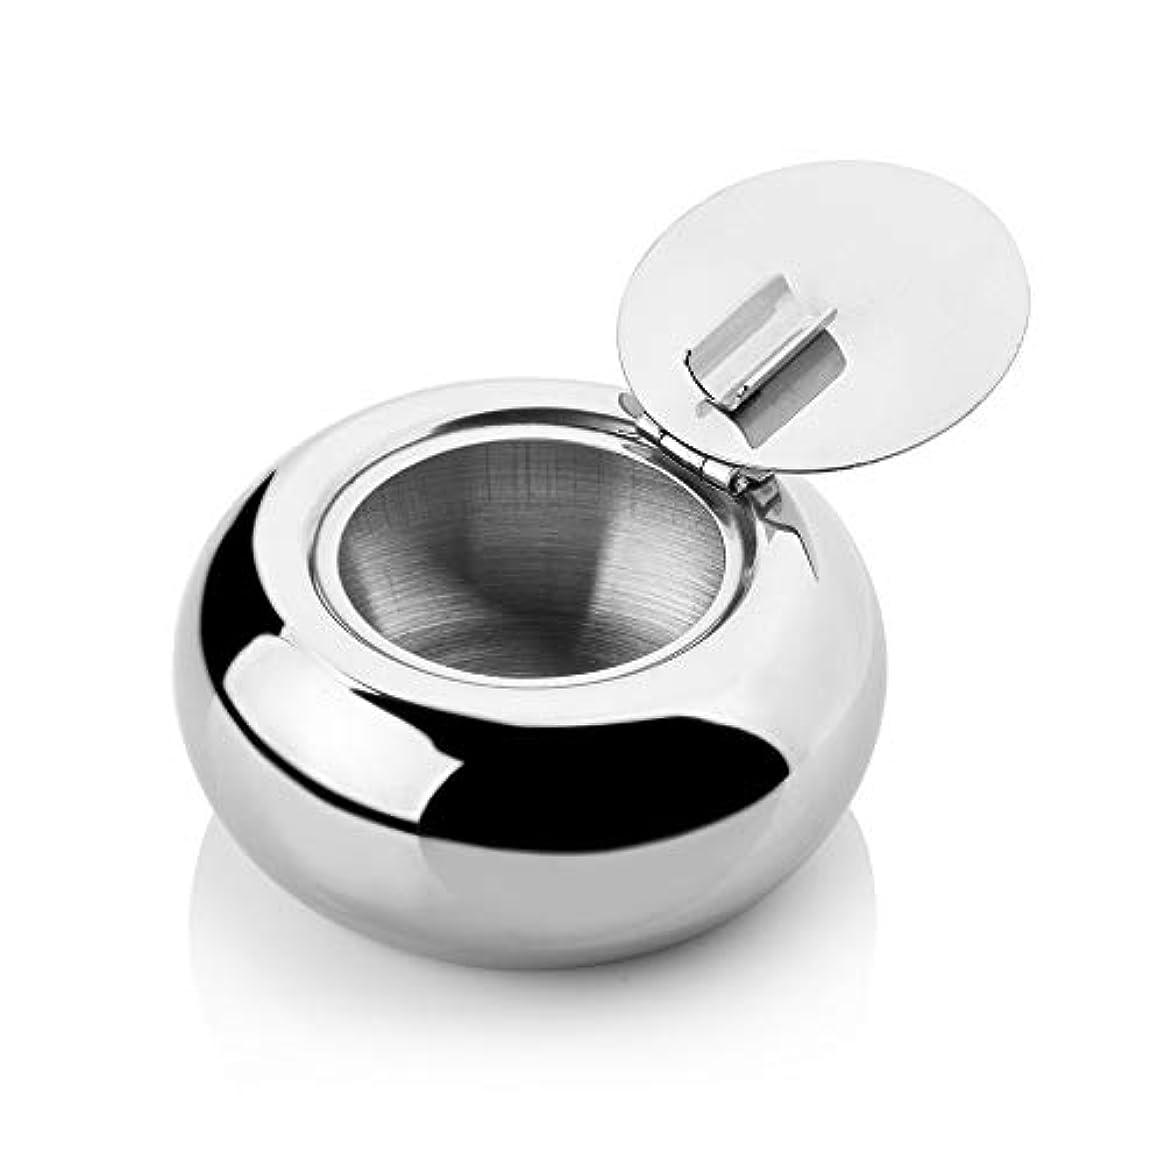 収穫疑い者憲法ステンレス鋼の覆われた灰皿、屋内/屋外の普遍的な灰皿、きれいにすること容易防風の灰皿 (色 : L)